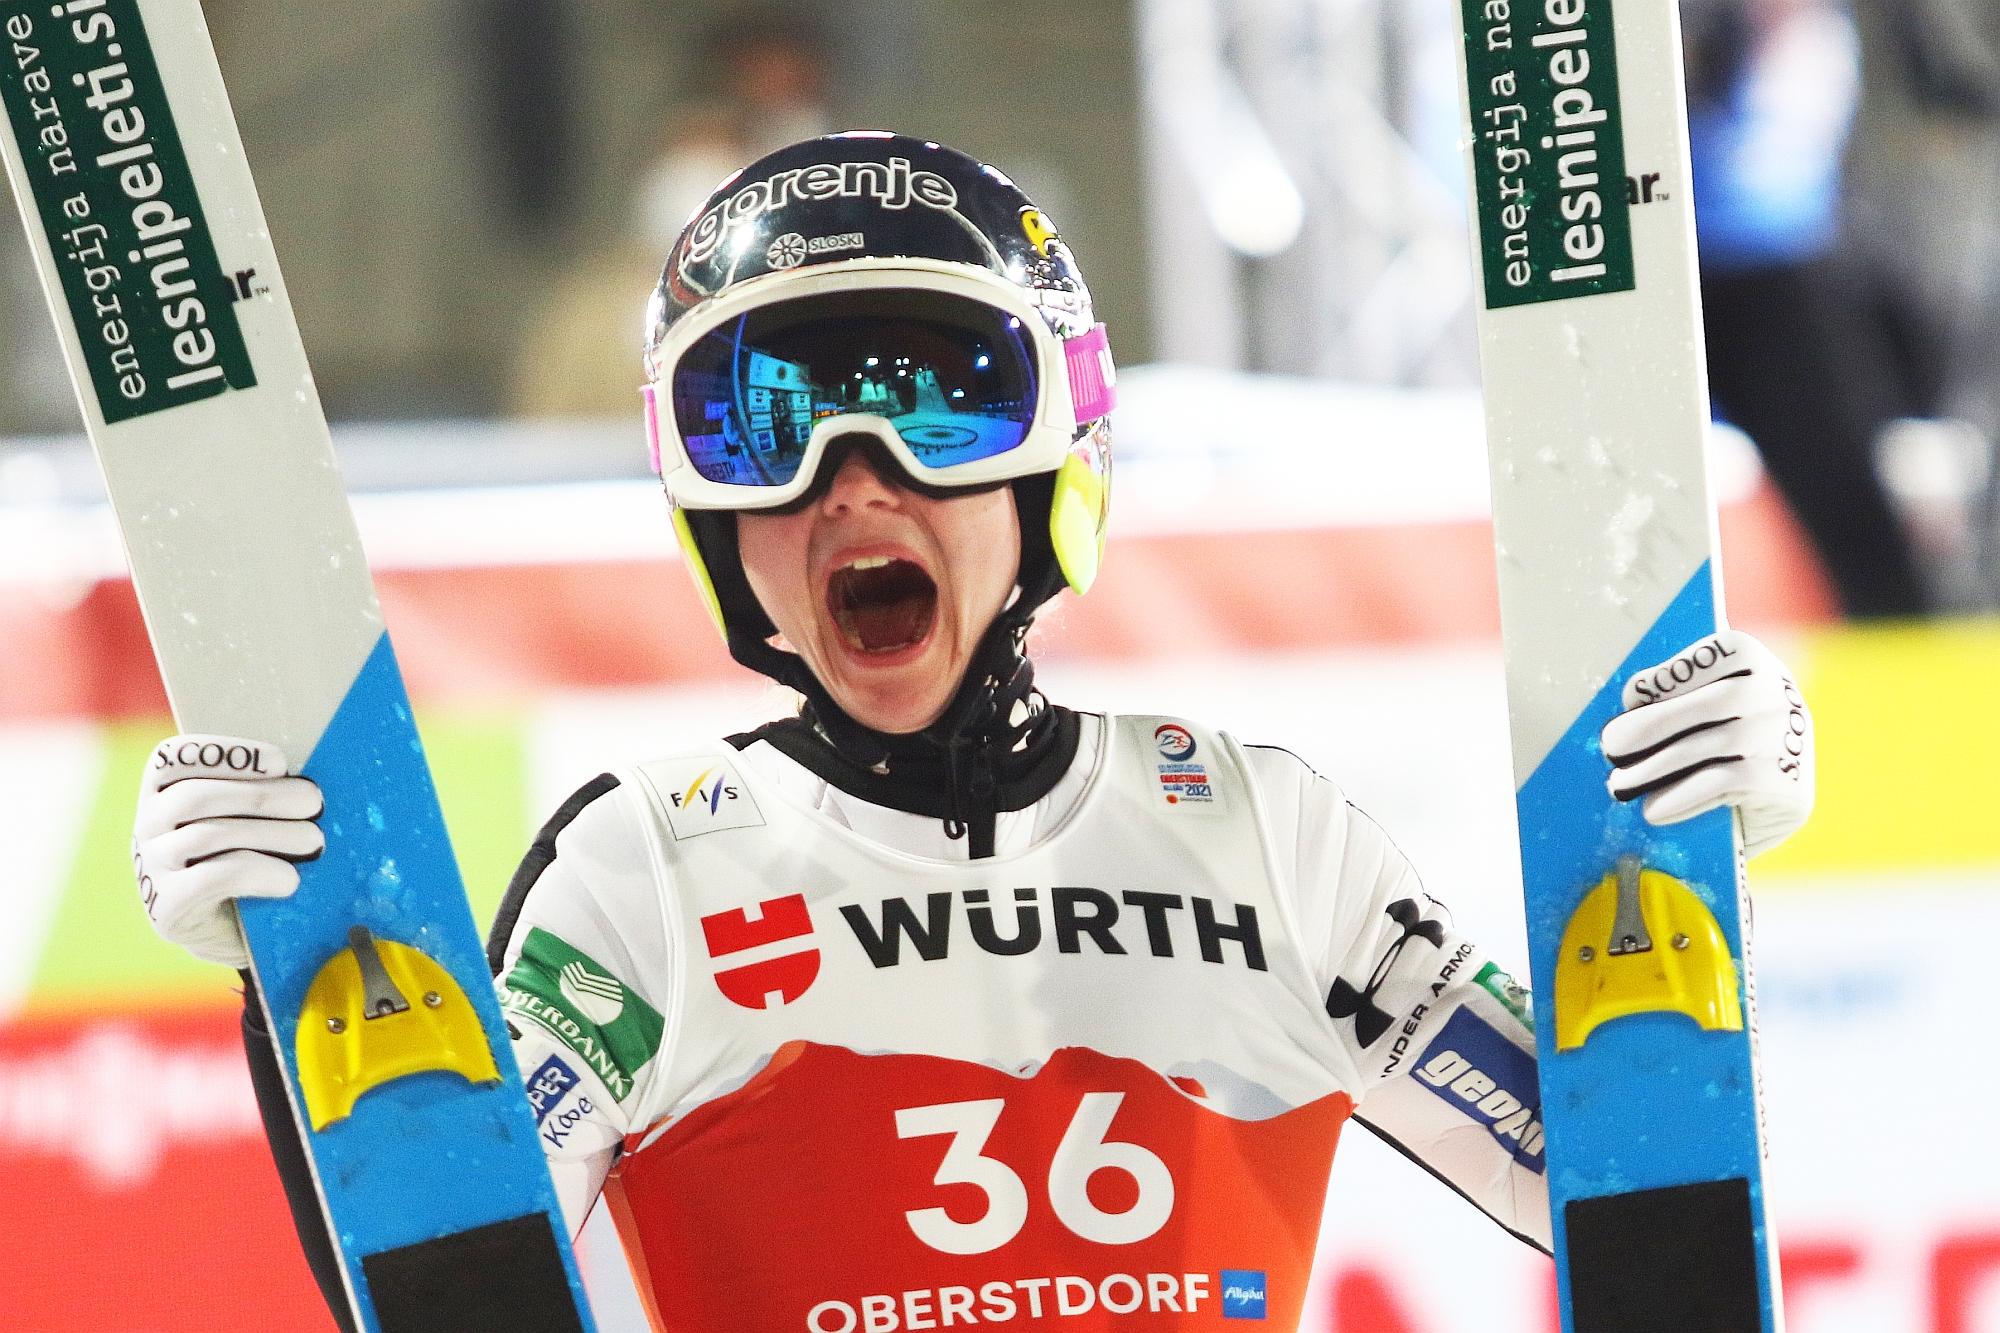 MŚ Oberstdorf: Łzy radości i łzy smutku, czyli Panie na normalnej skoczni [FOTORELACJA]